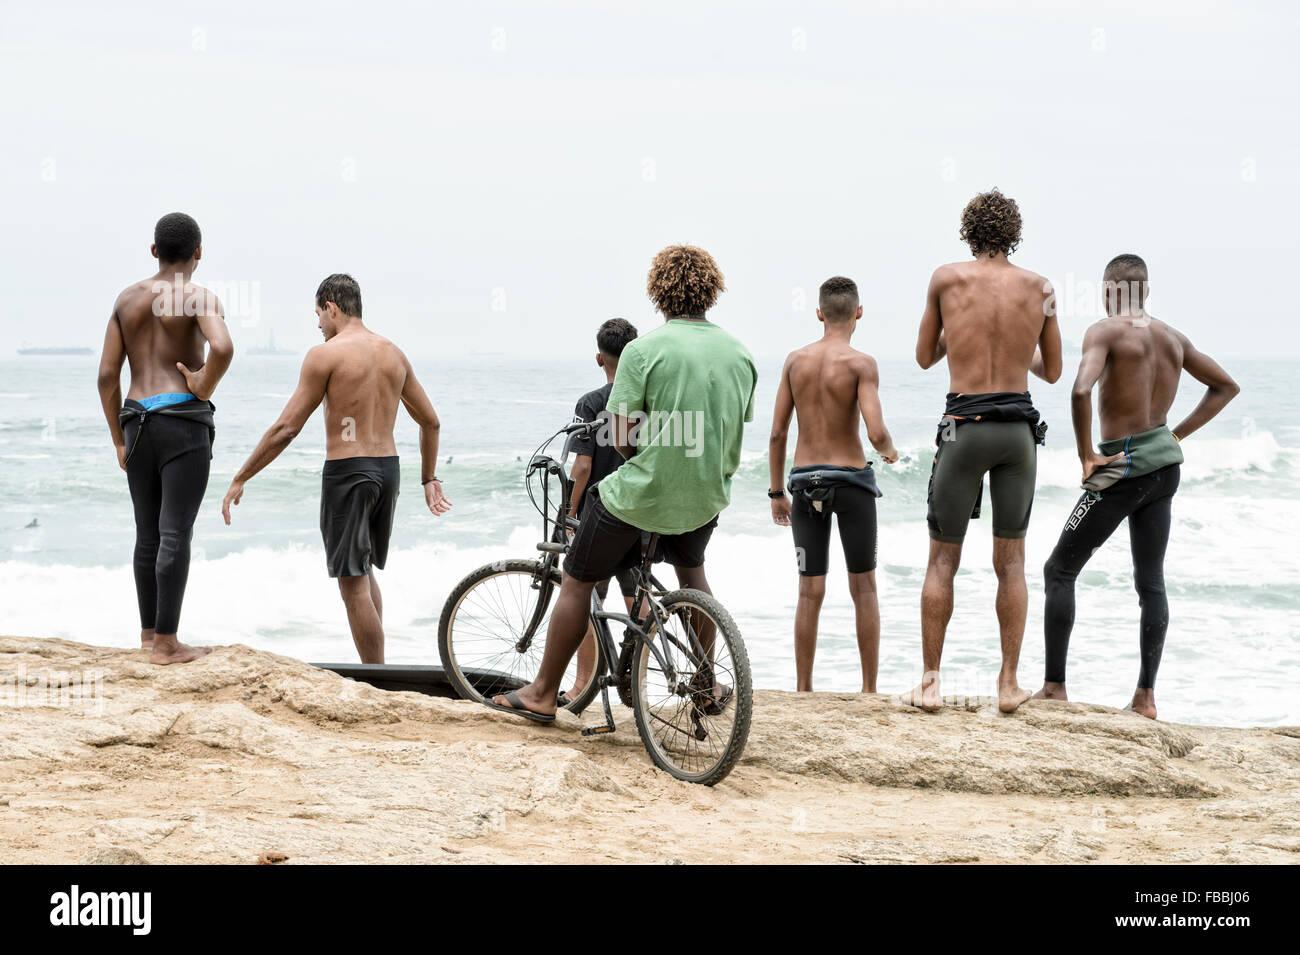 Río de Janeiro, Brasil - 22 de octubre de 2015: los surfistas Brasileño en wetsuits mirando a las olas Imagen De Stock